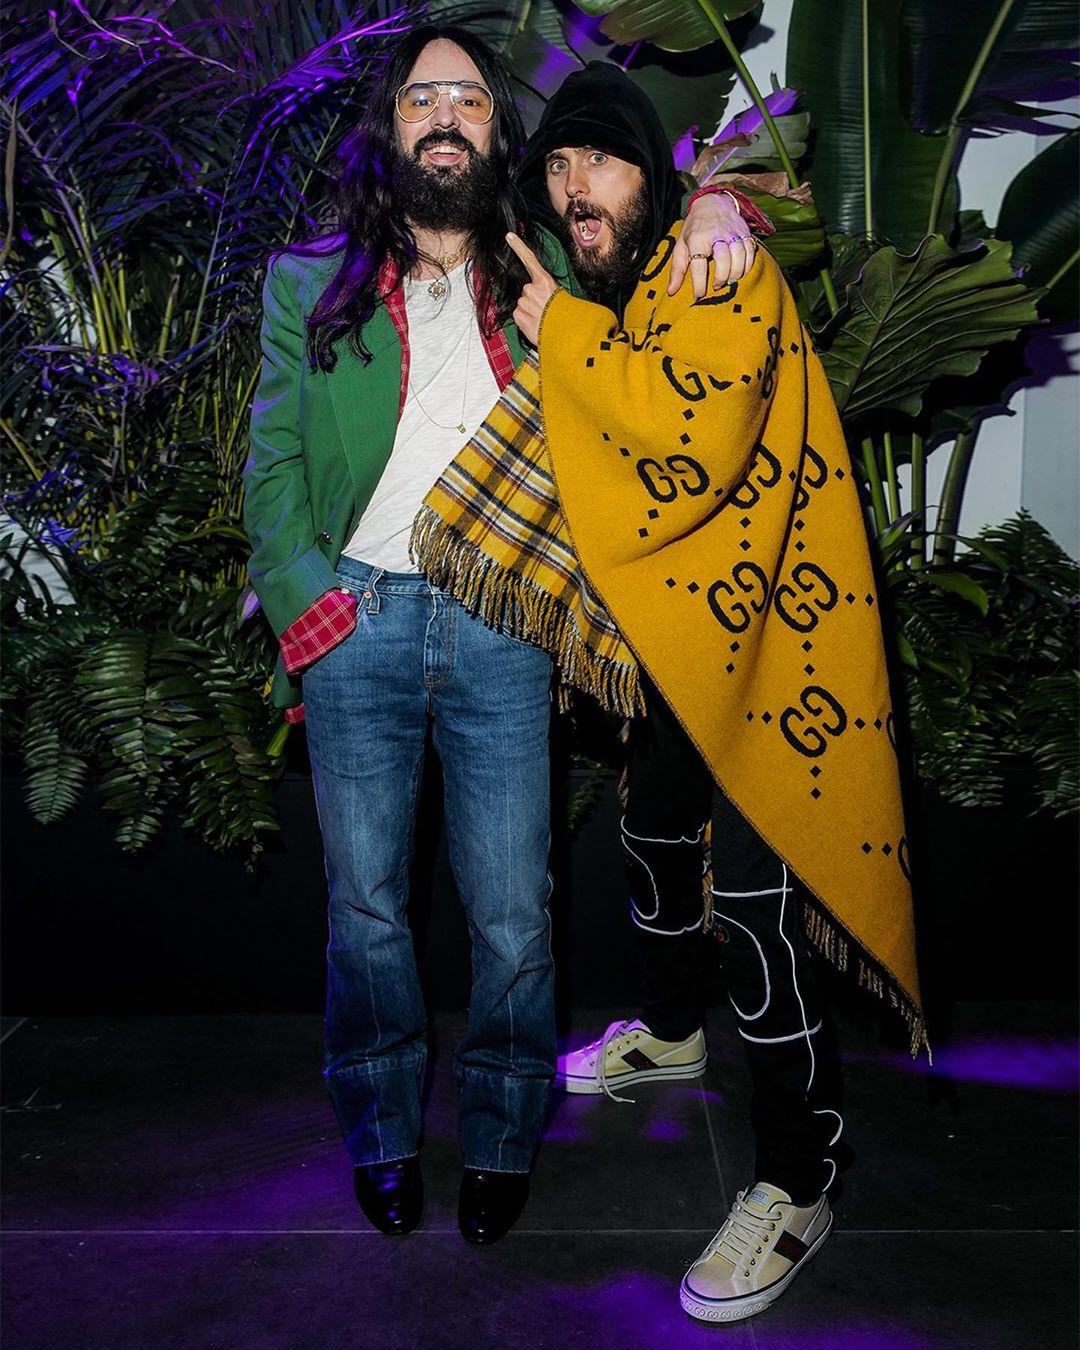 những câu nói hay về thời trang - Alessandro Michele và Jared Leto tại sự kiện của Gucci